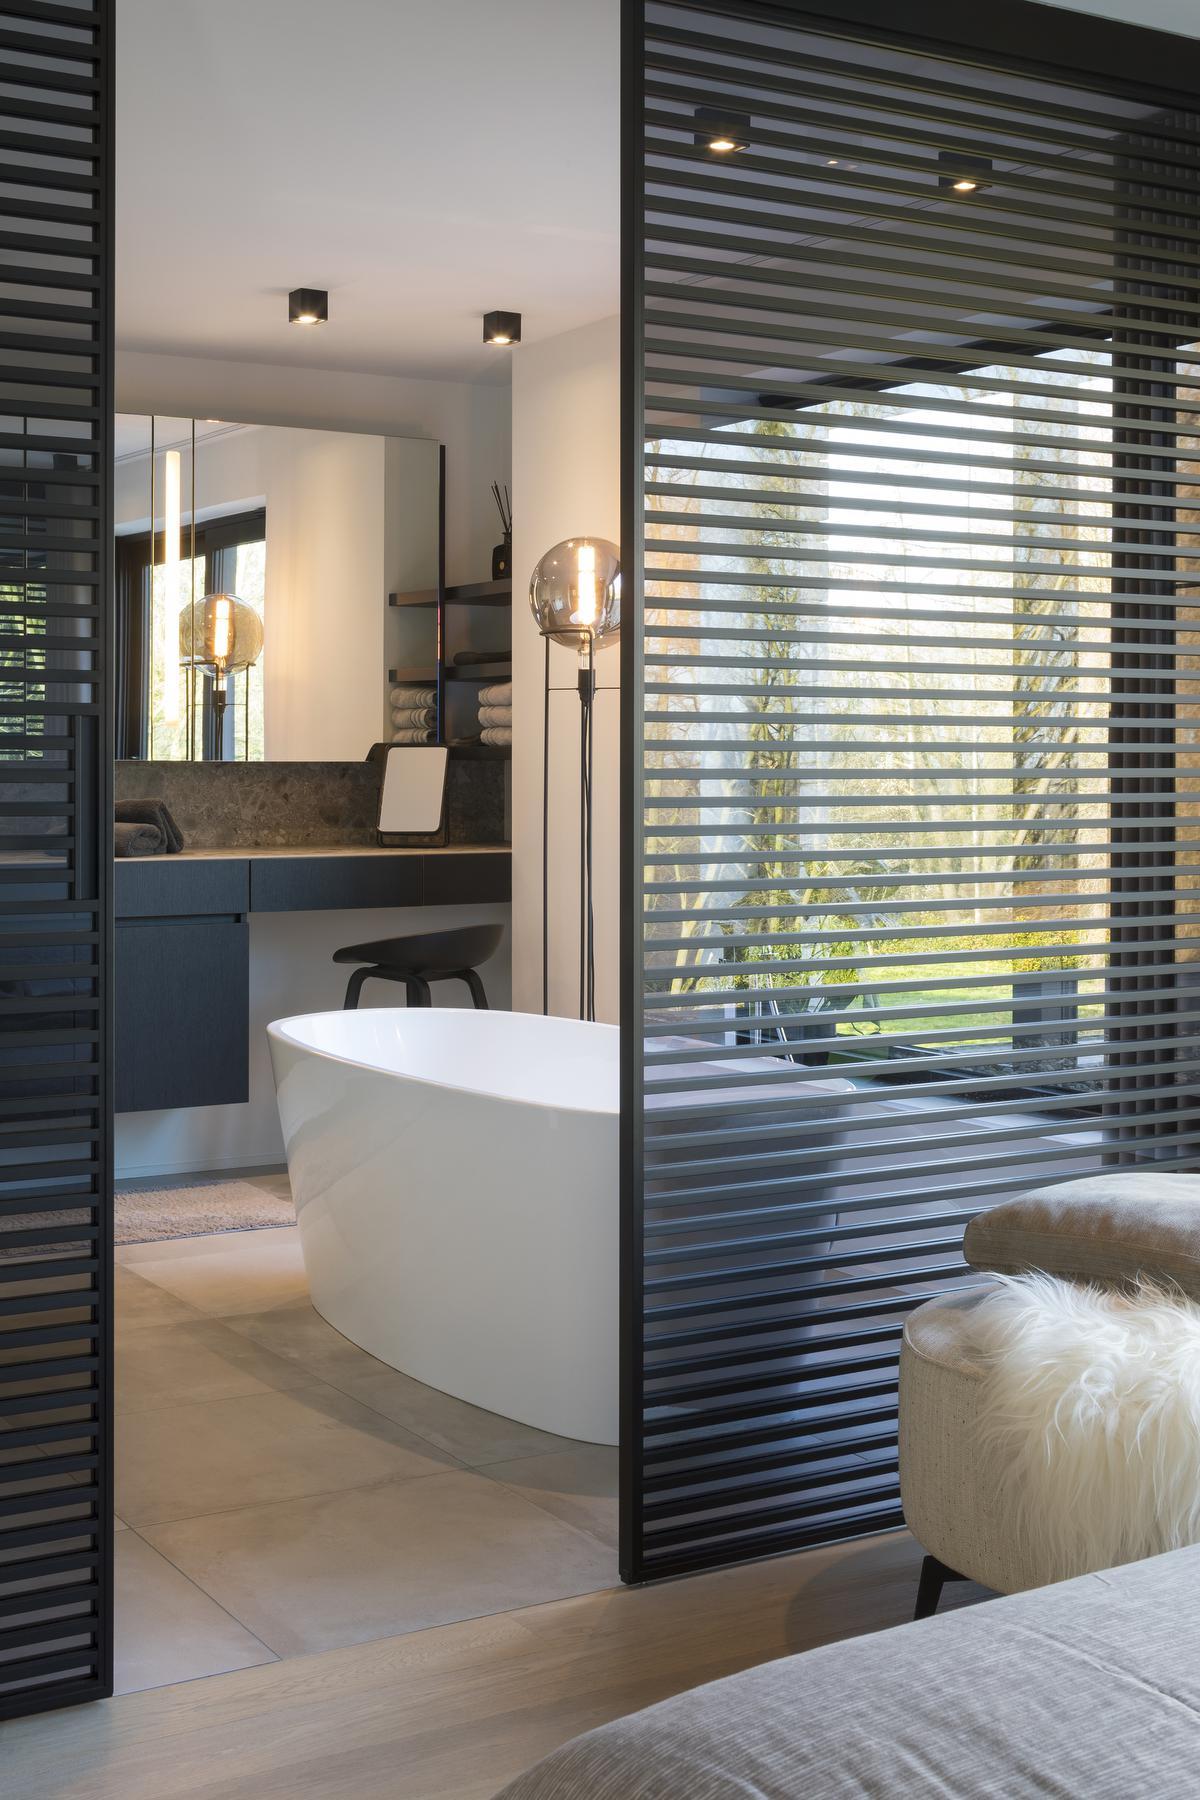 Kleed je badkamer aan zoals je dat met je woonkamer zou doen. (foto Liesbet Goetschalckx)